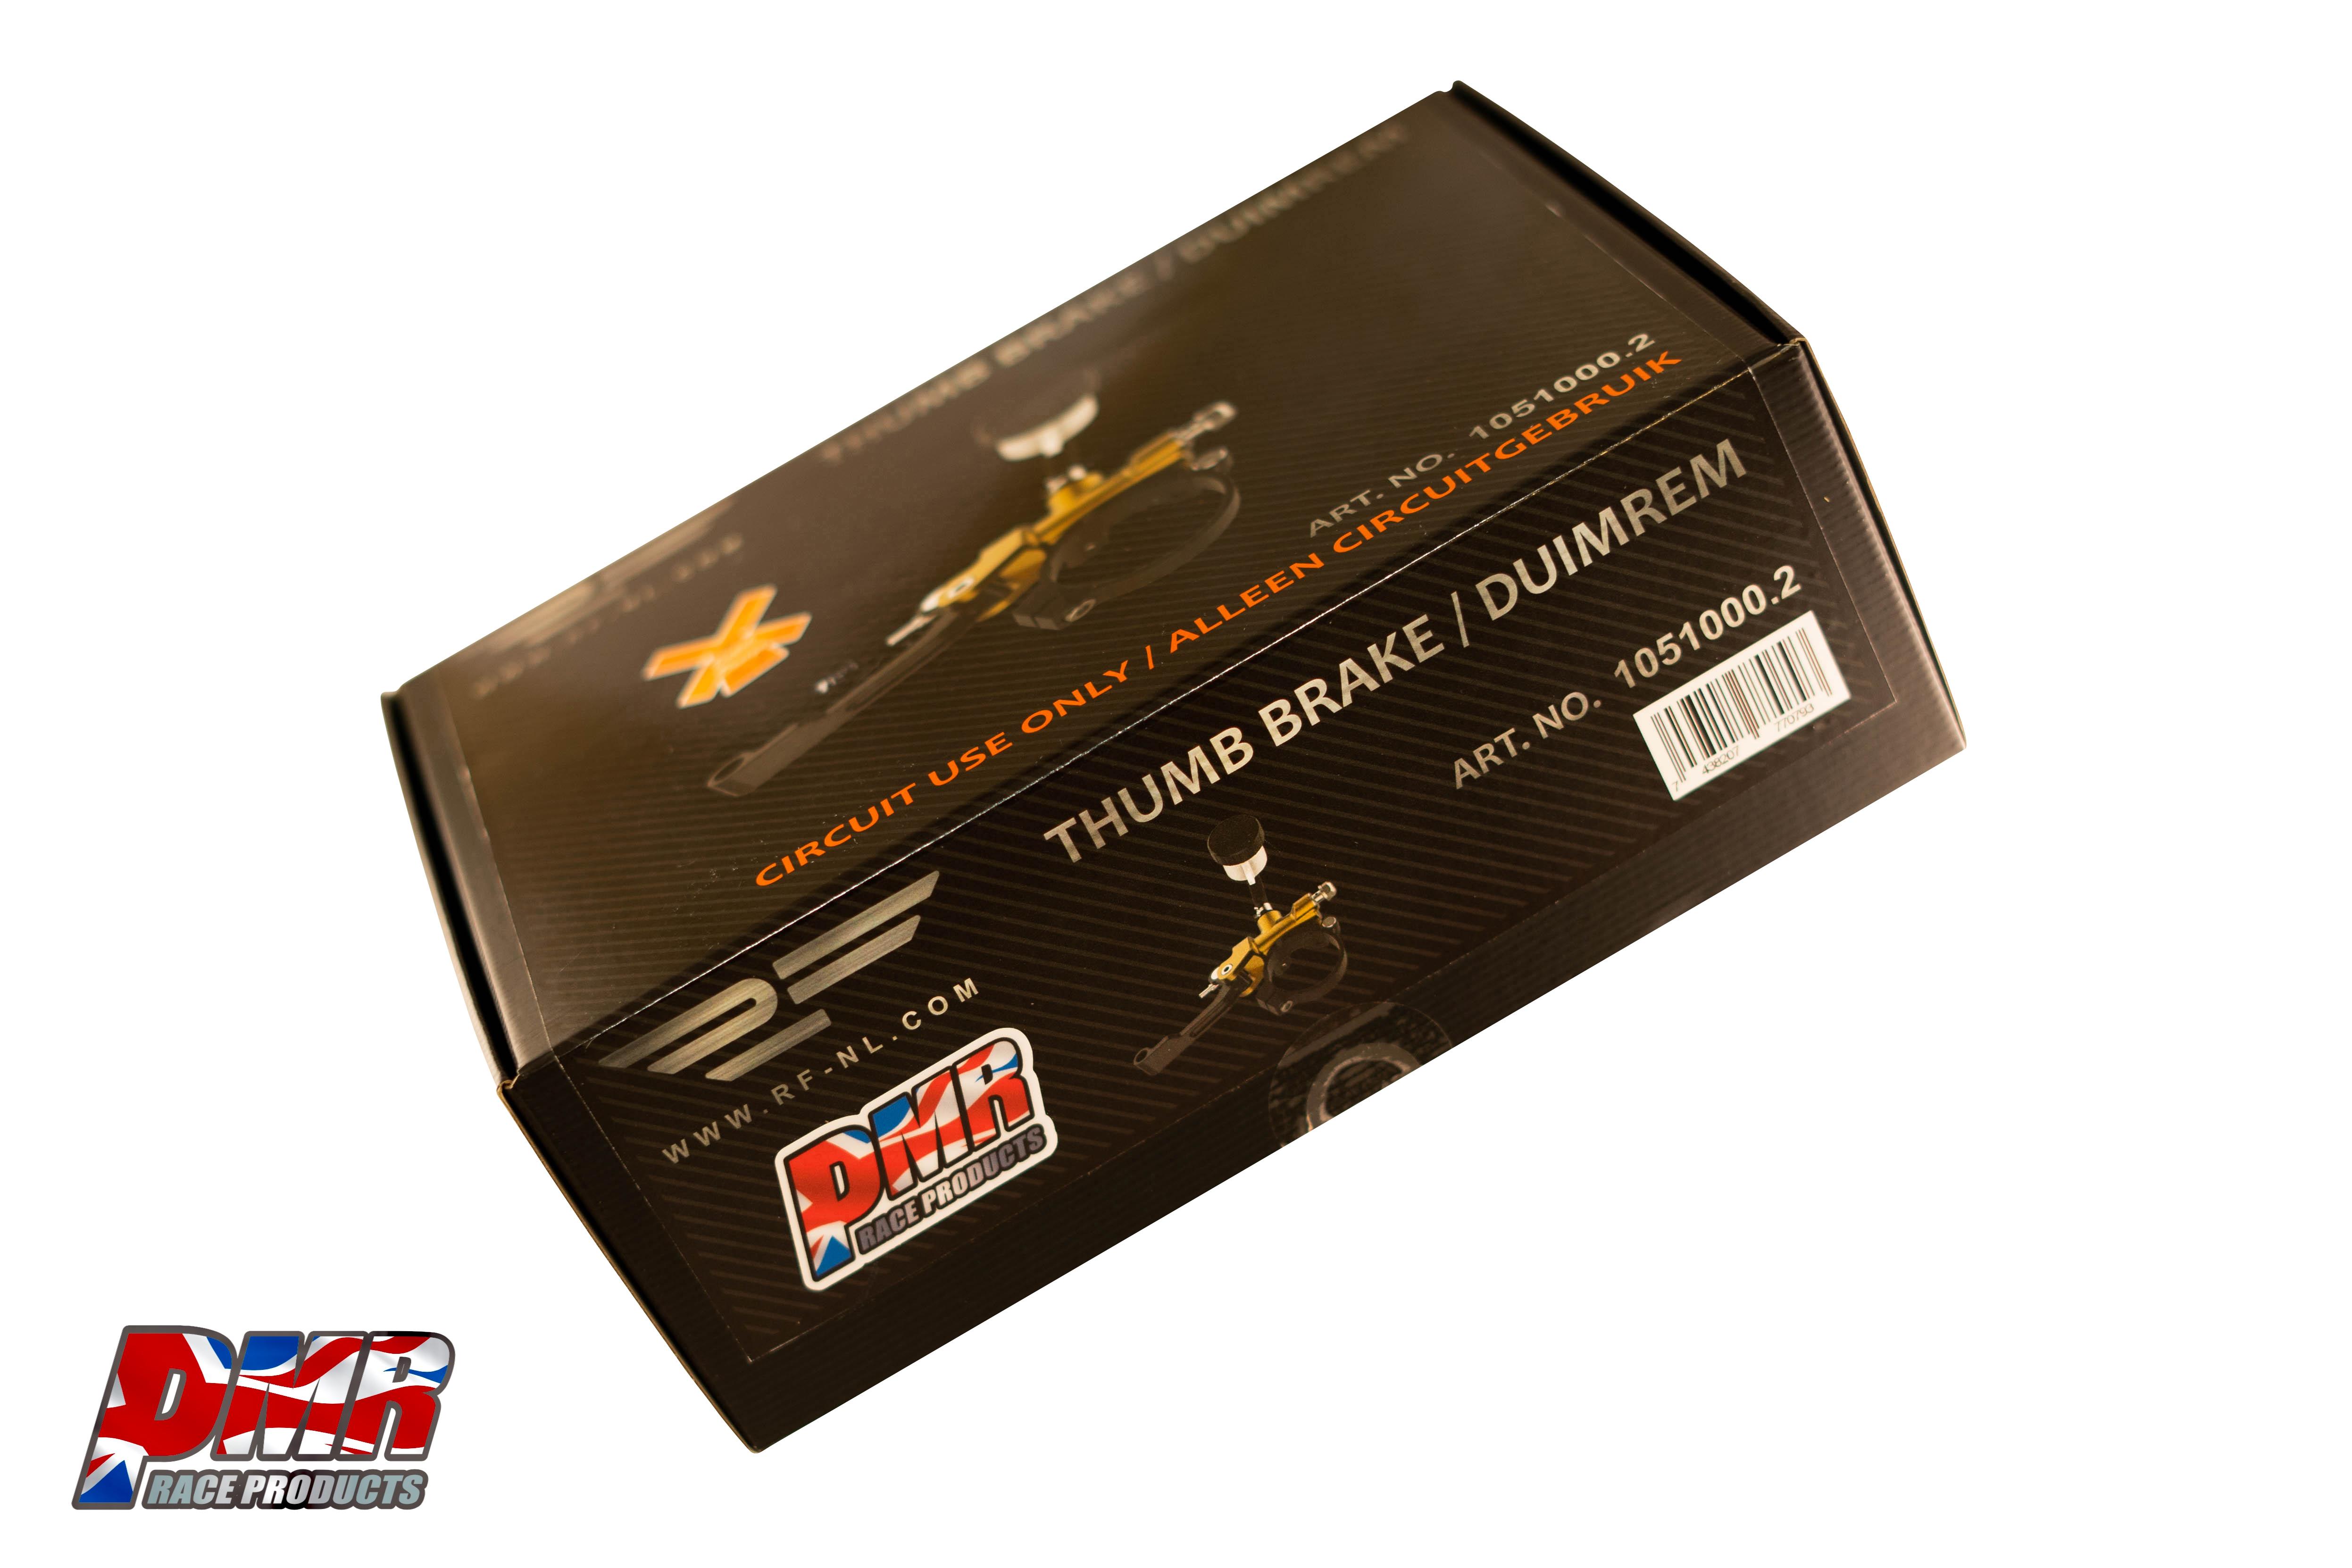 Motorcycle Racing Thumb Brake Kit